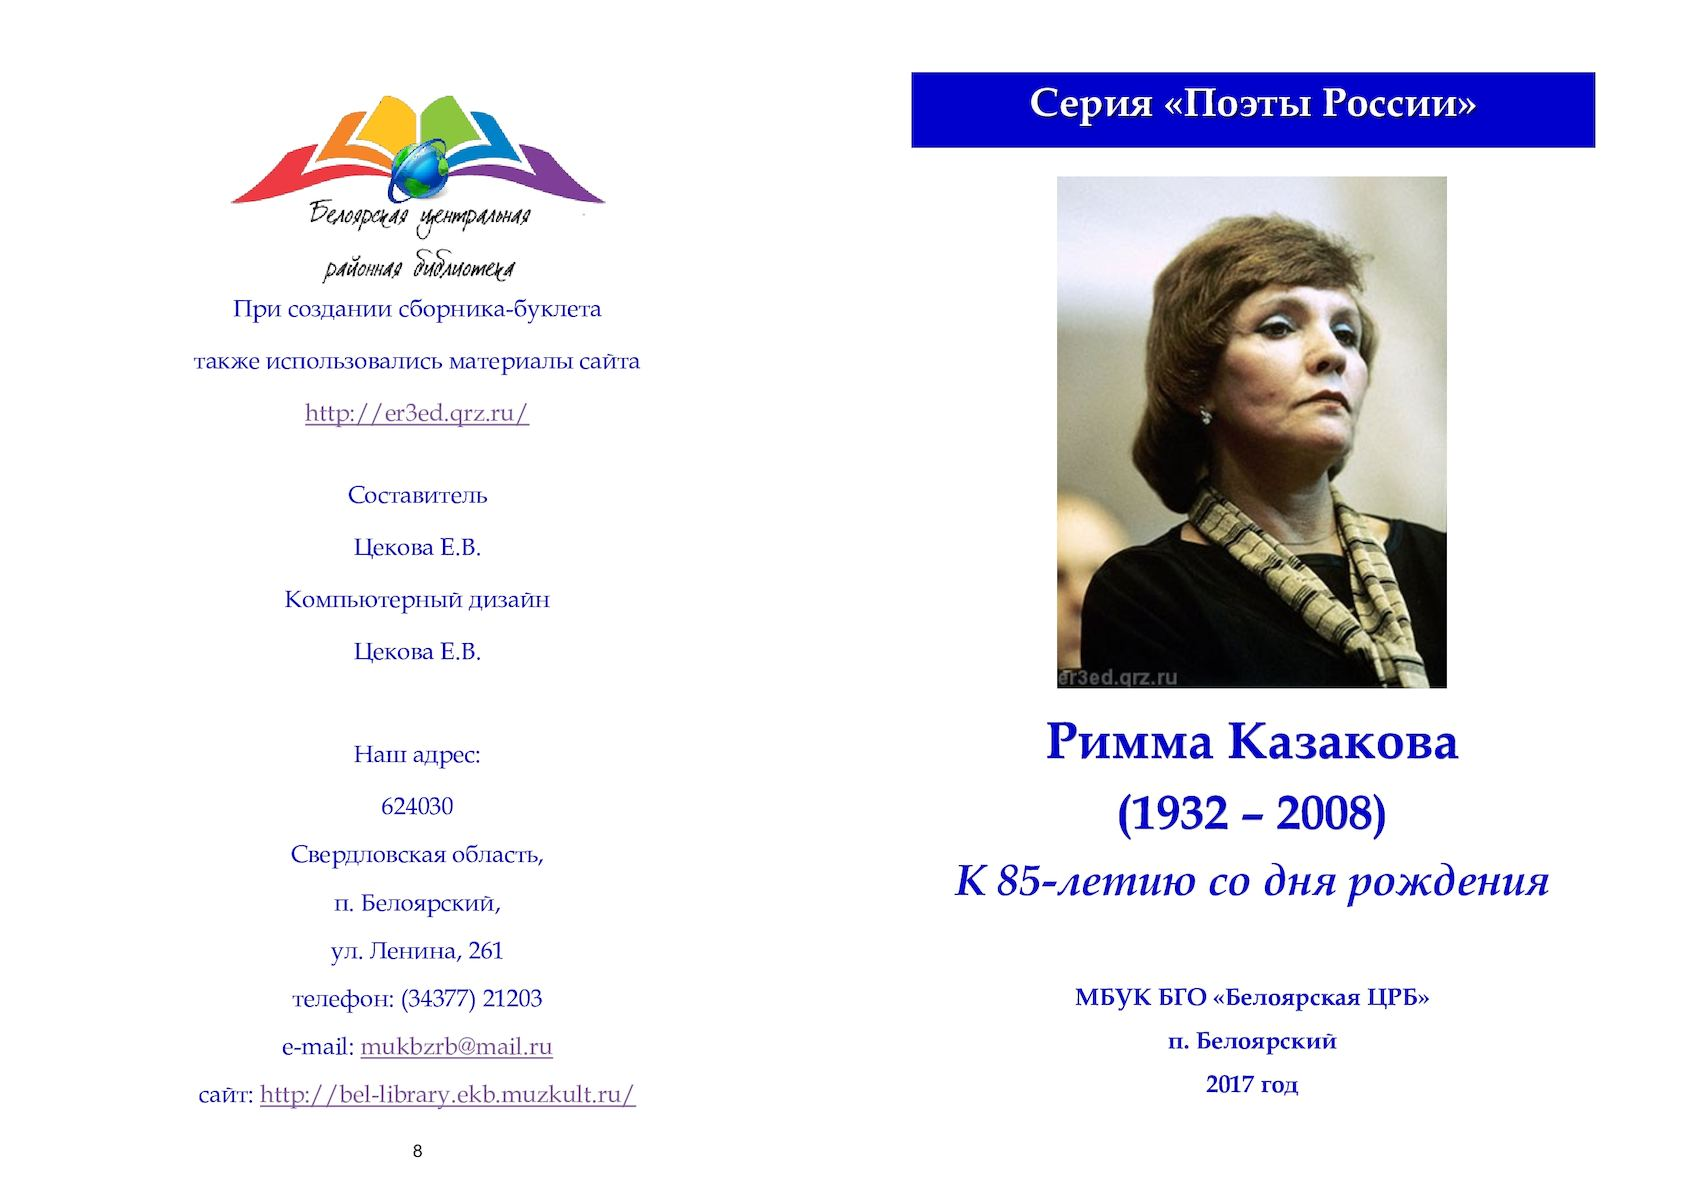 Сборник-буклет к 85-летию со дня рождения Риммы Казаковой